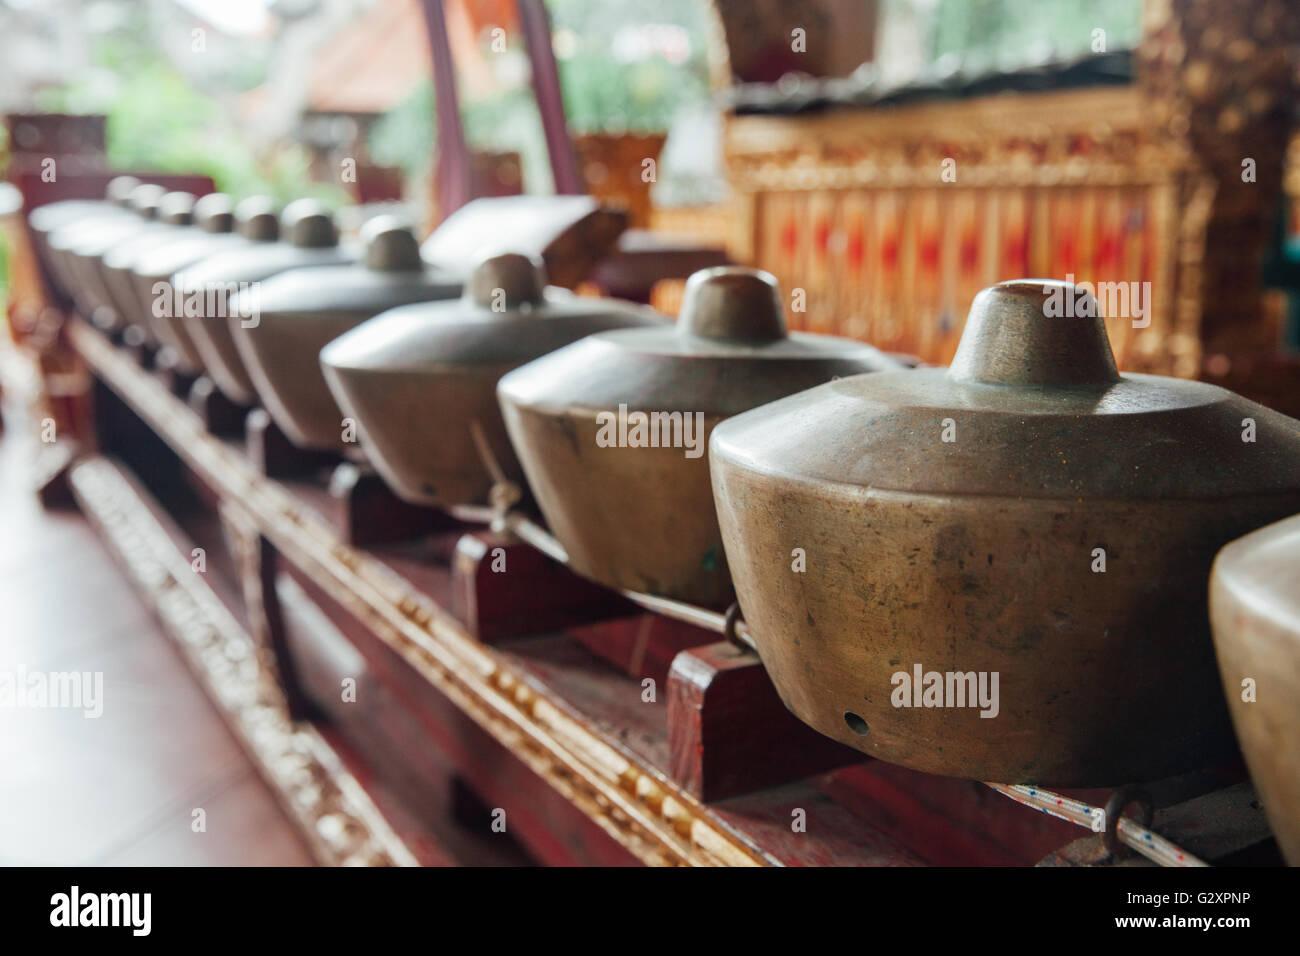 Música de percusión tradicional balinés instrumentos instrumentos para 'gamelan' ensemble Imagen De Stock